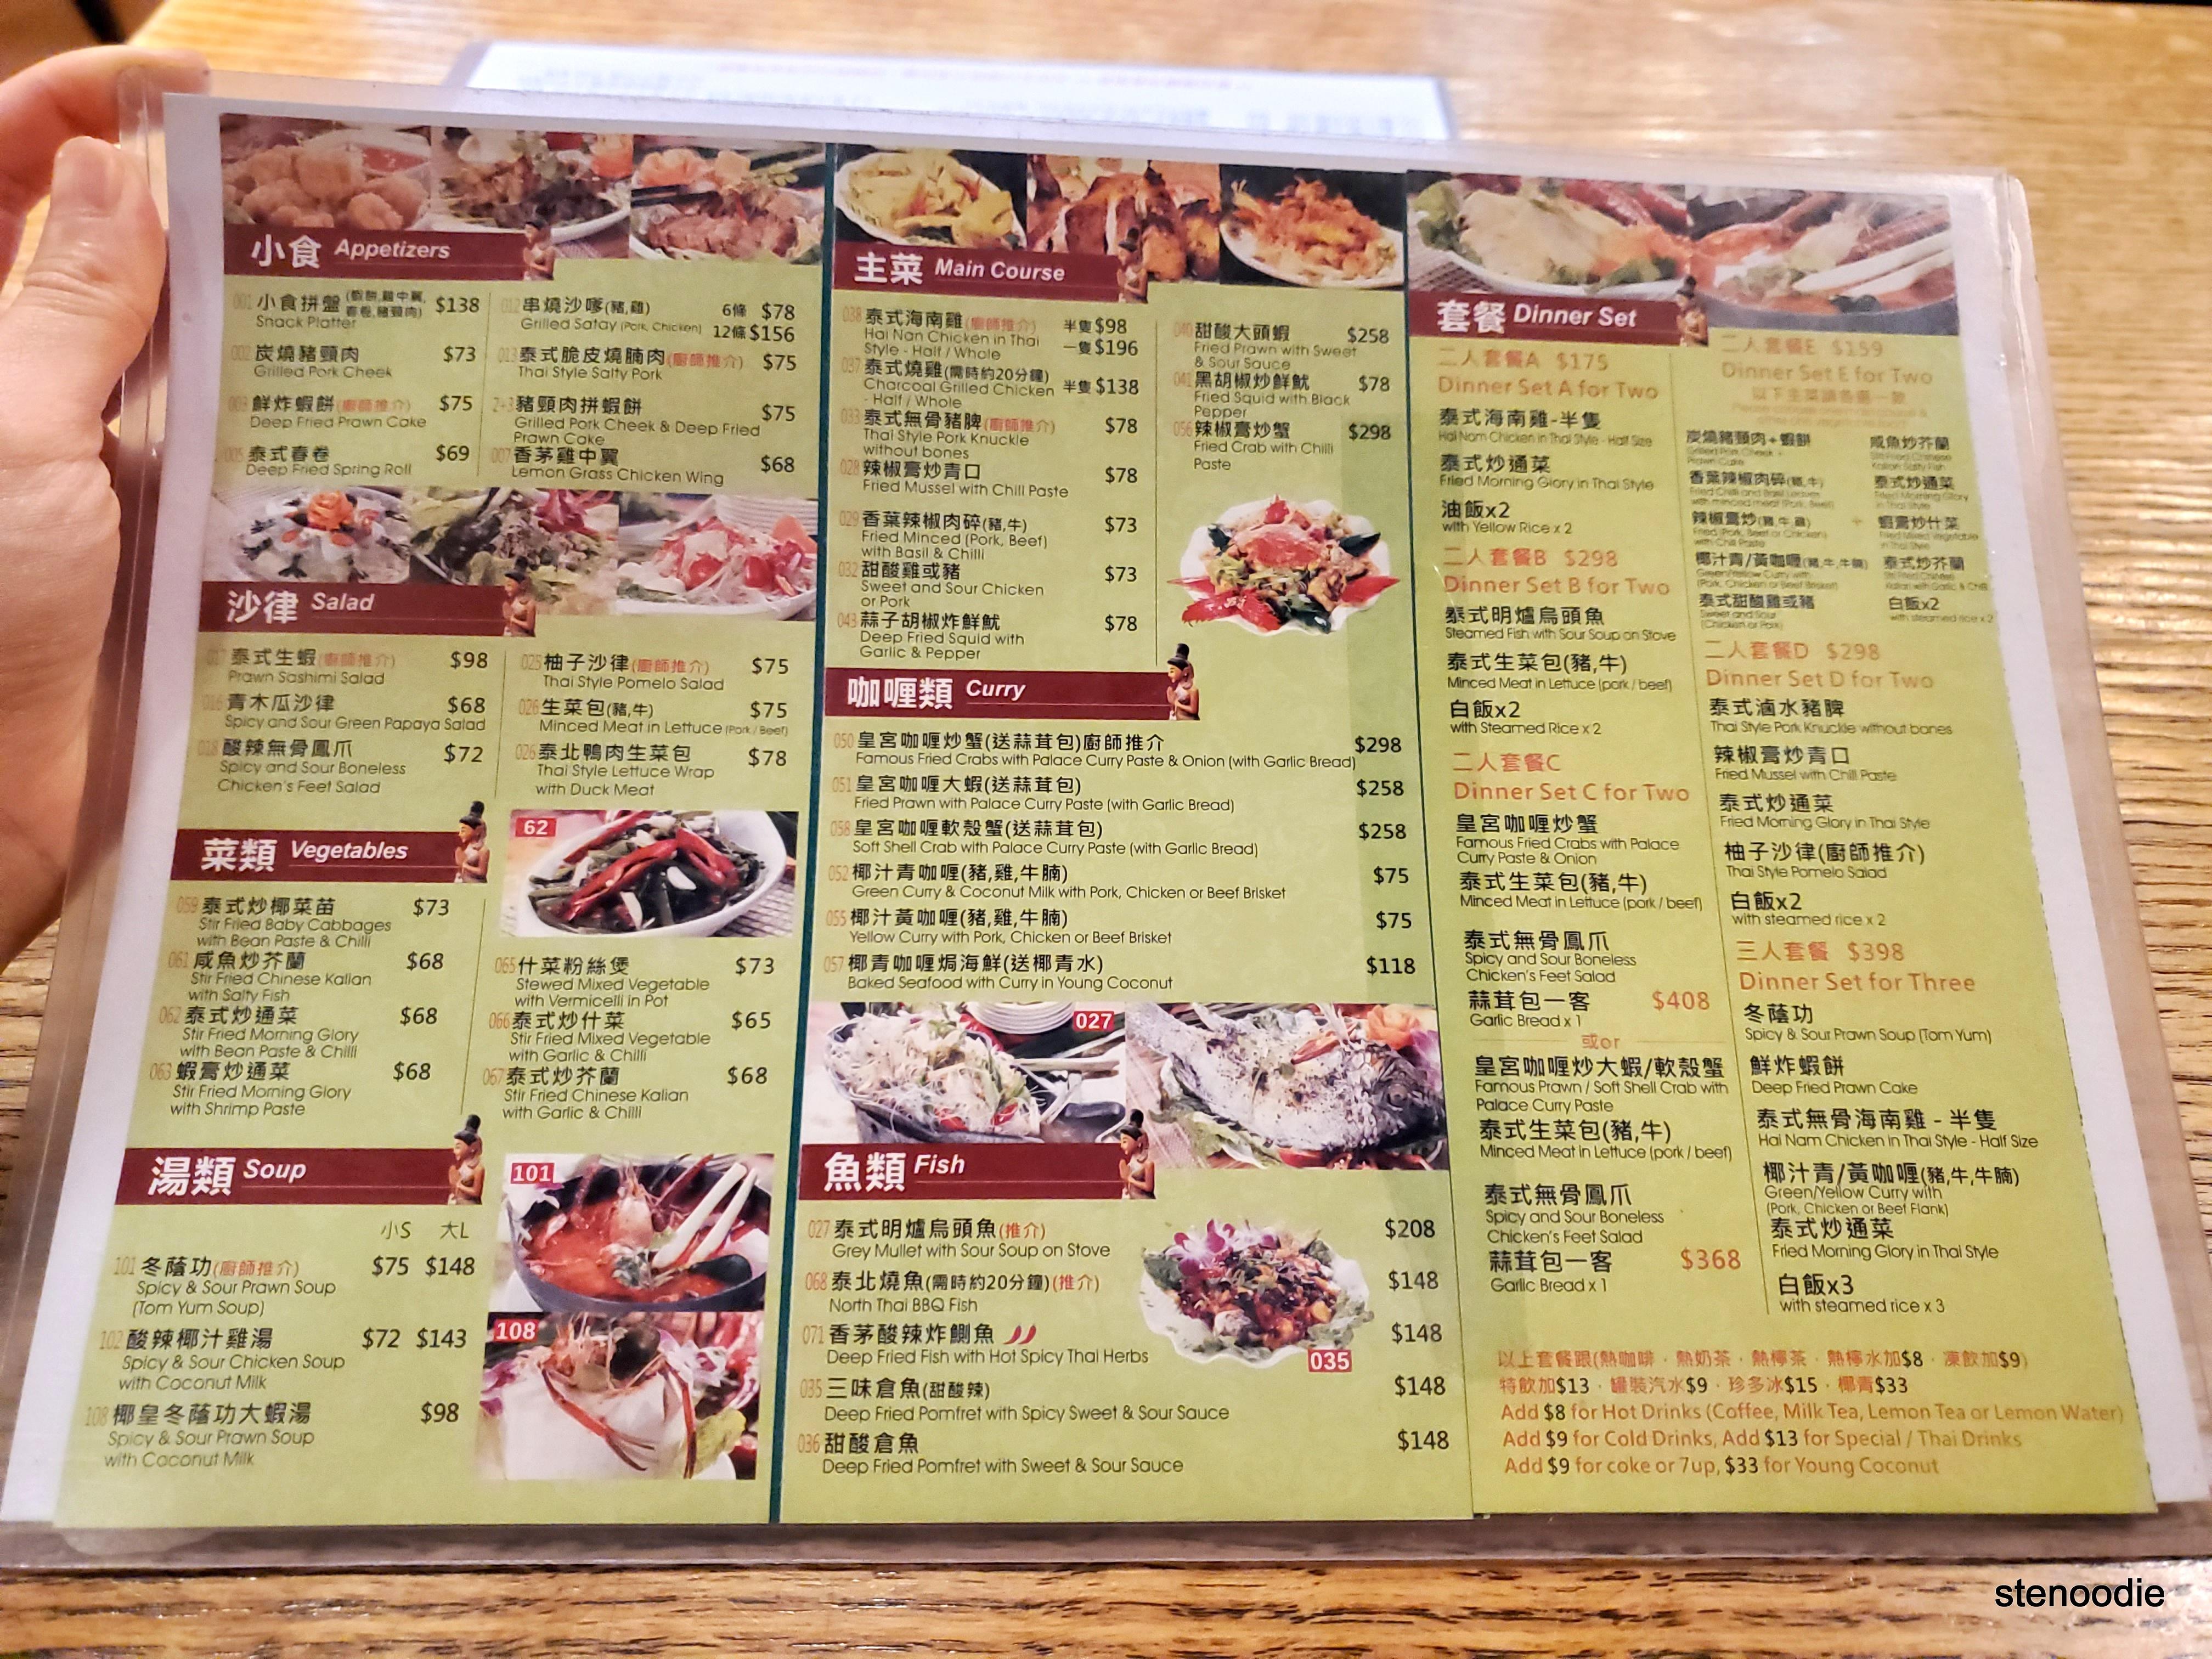 Sunny Thai Restaurant menu and prices